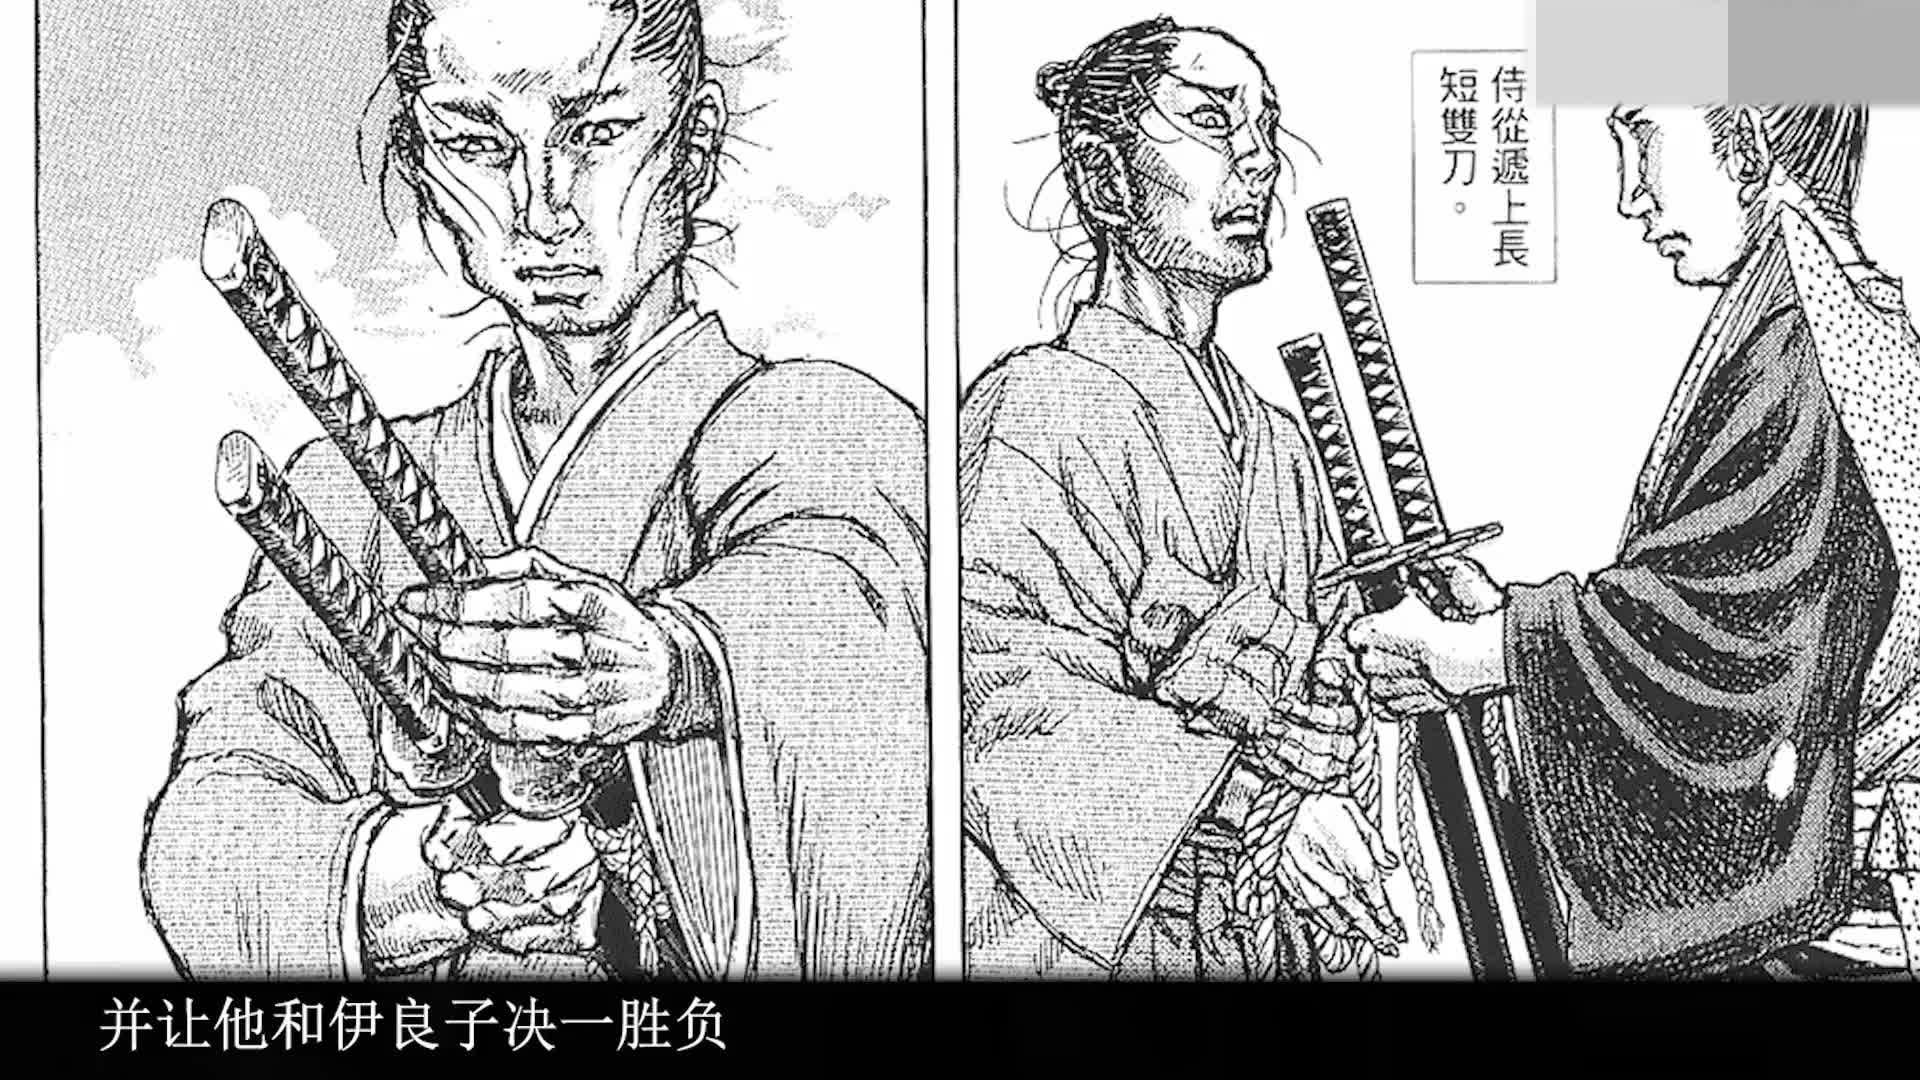 江户时代真刀御前比武《剑豪生死斗:无明逆流》